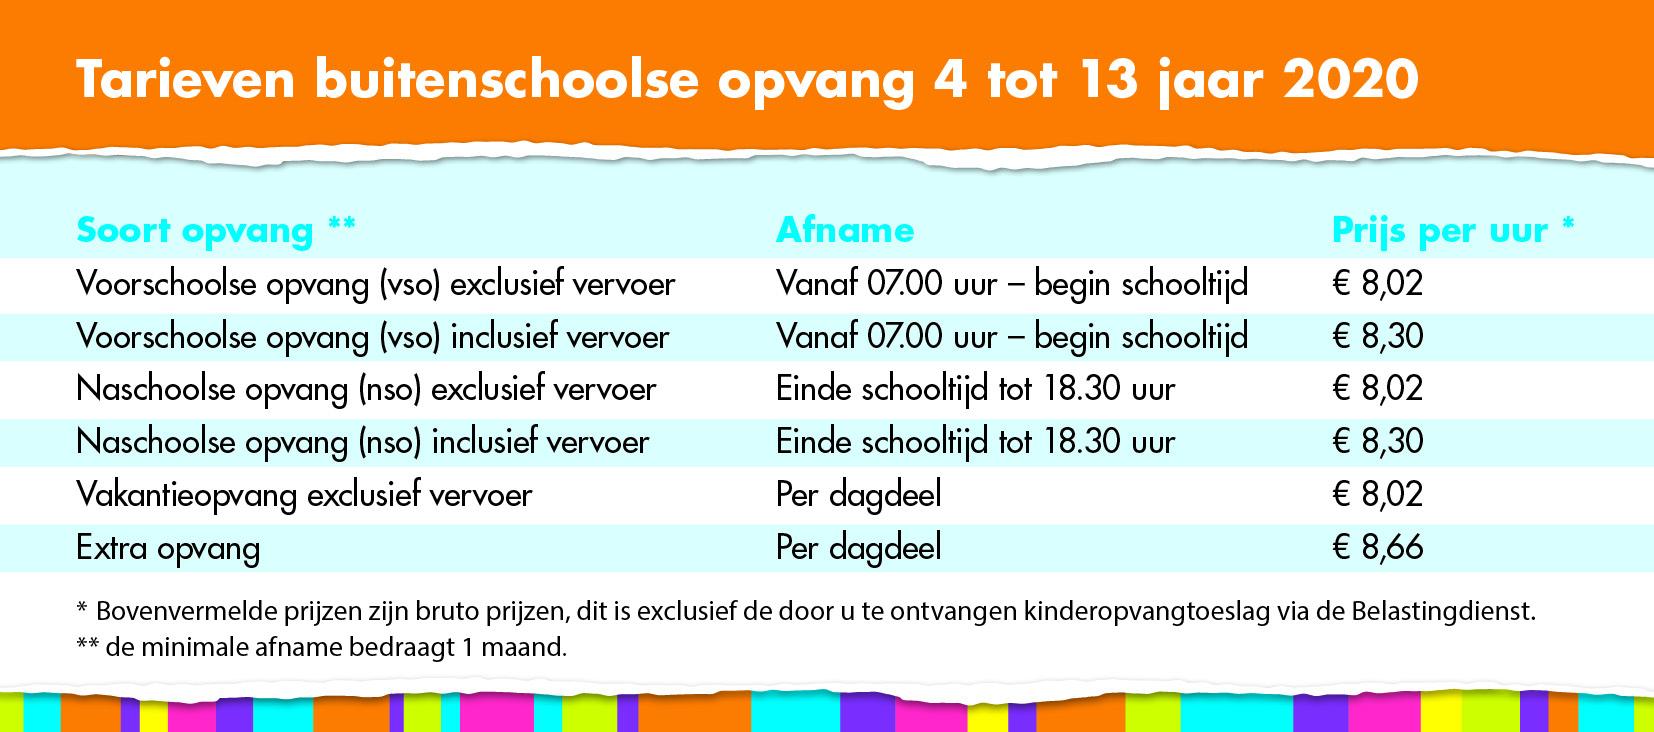 Tarieven_Buitenschoolse_opvang_4-13_jaar_2020